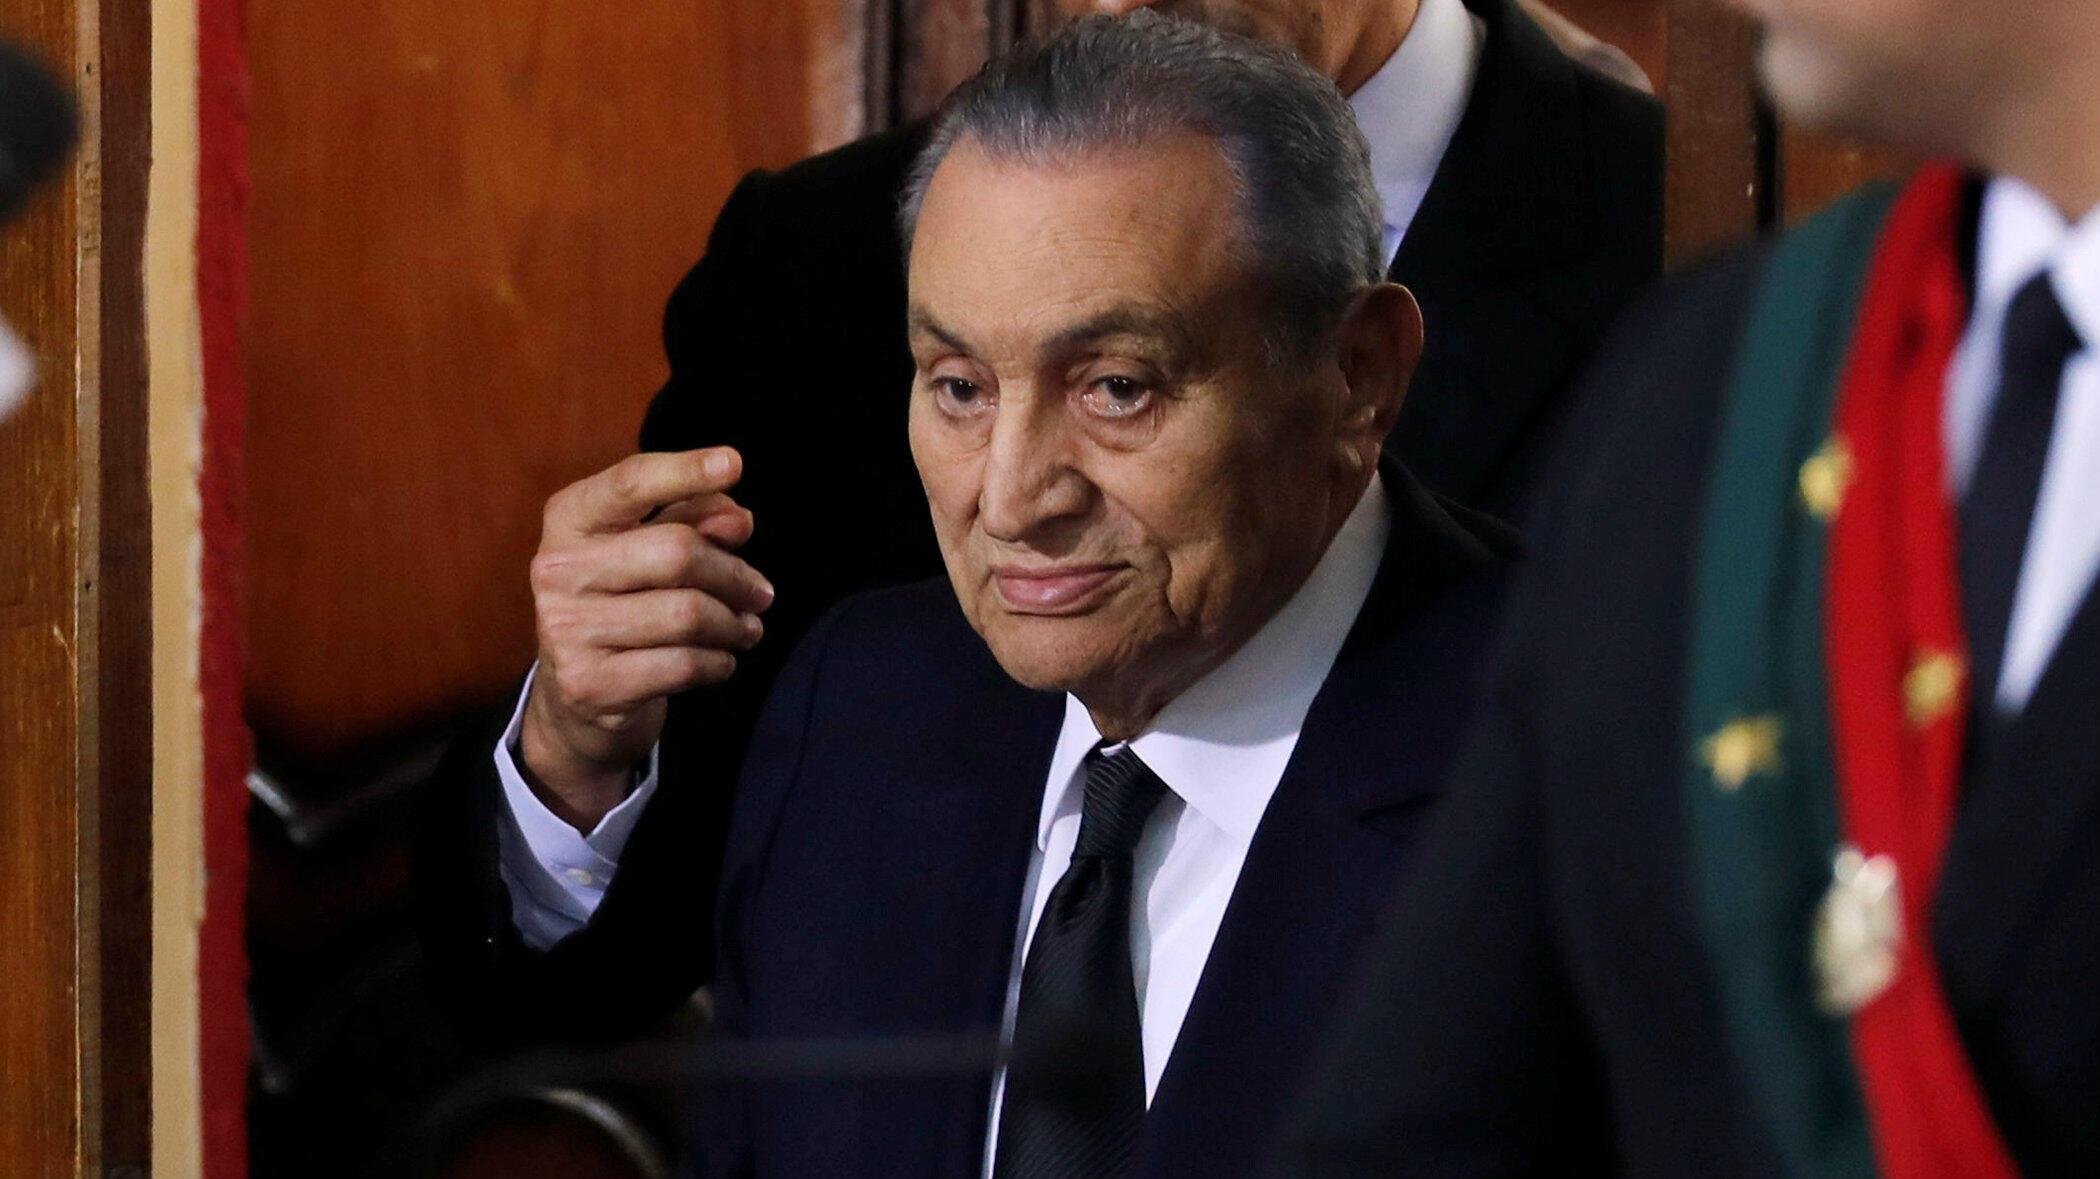 El expresidente egipcio Hosni Mubarak testifica durante el juicio contra el exmandatario Mohamed Morsi en El Cairo, el 26 de diciembre de 2018.